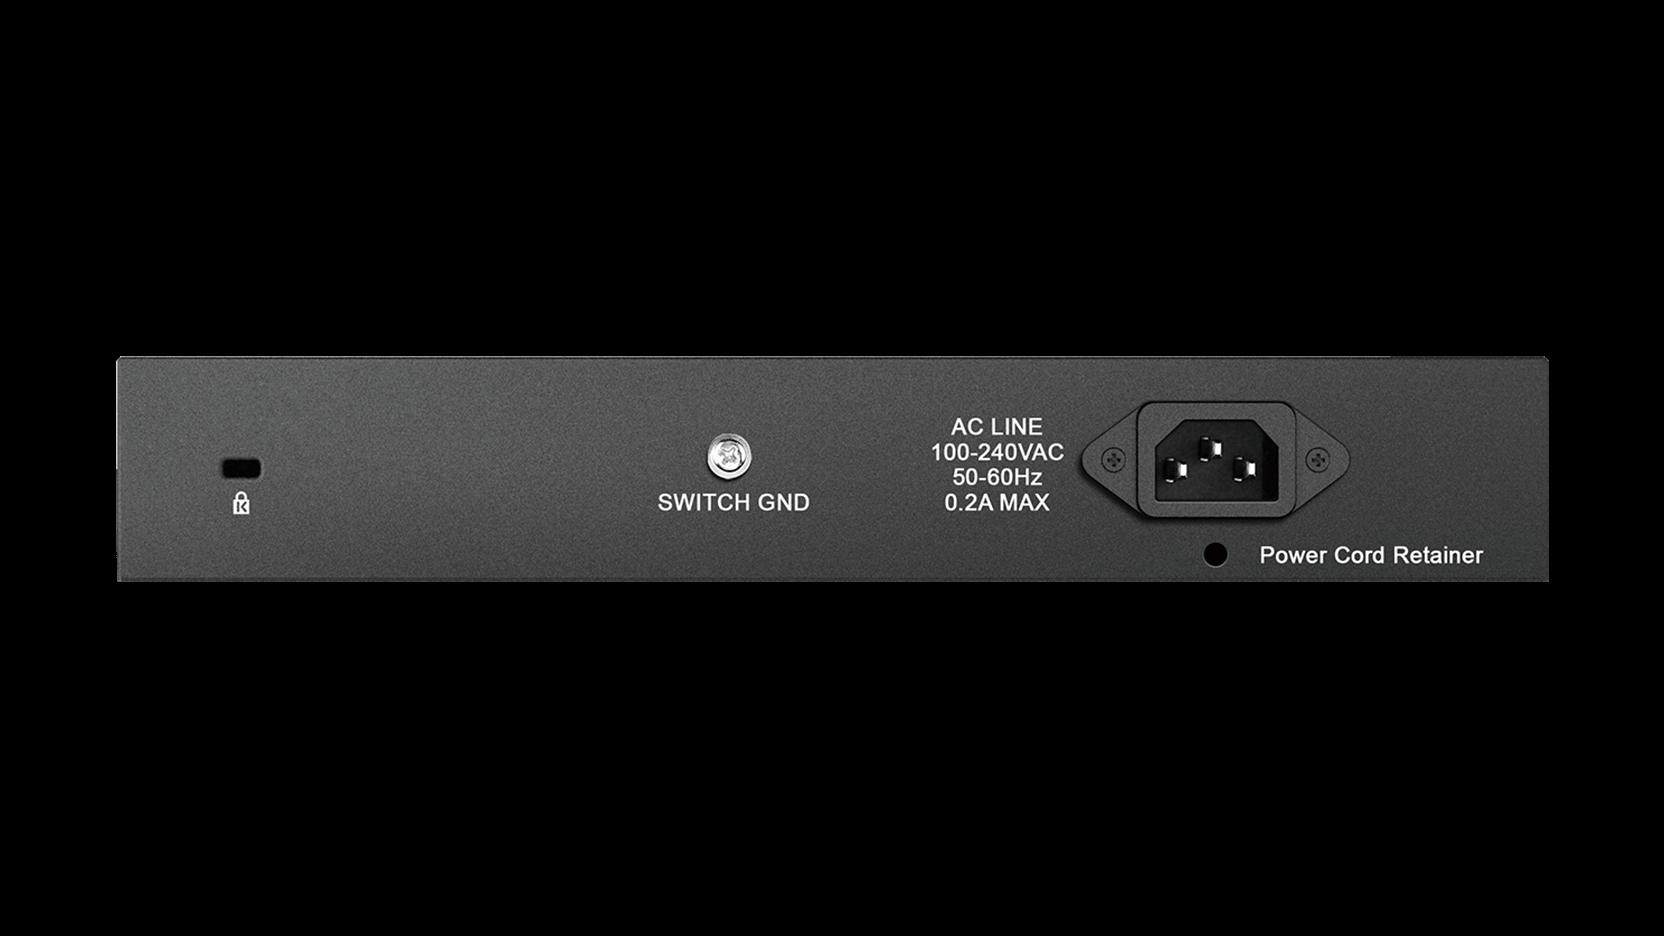 DGS-1016D 16-Port Gigabit Unmanaged Desktop Switch Back View